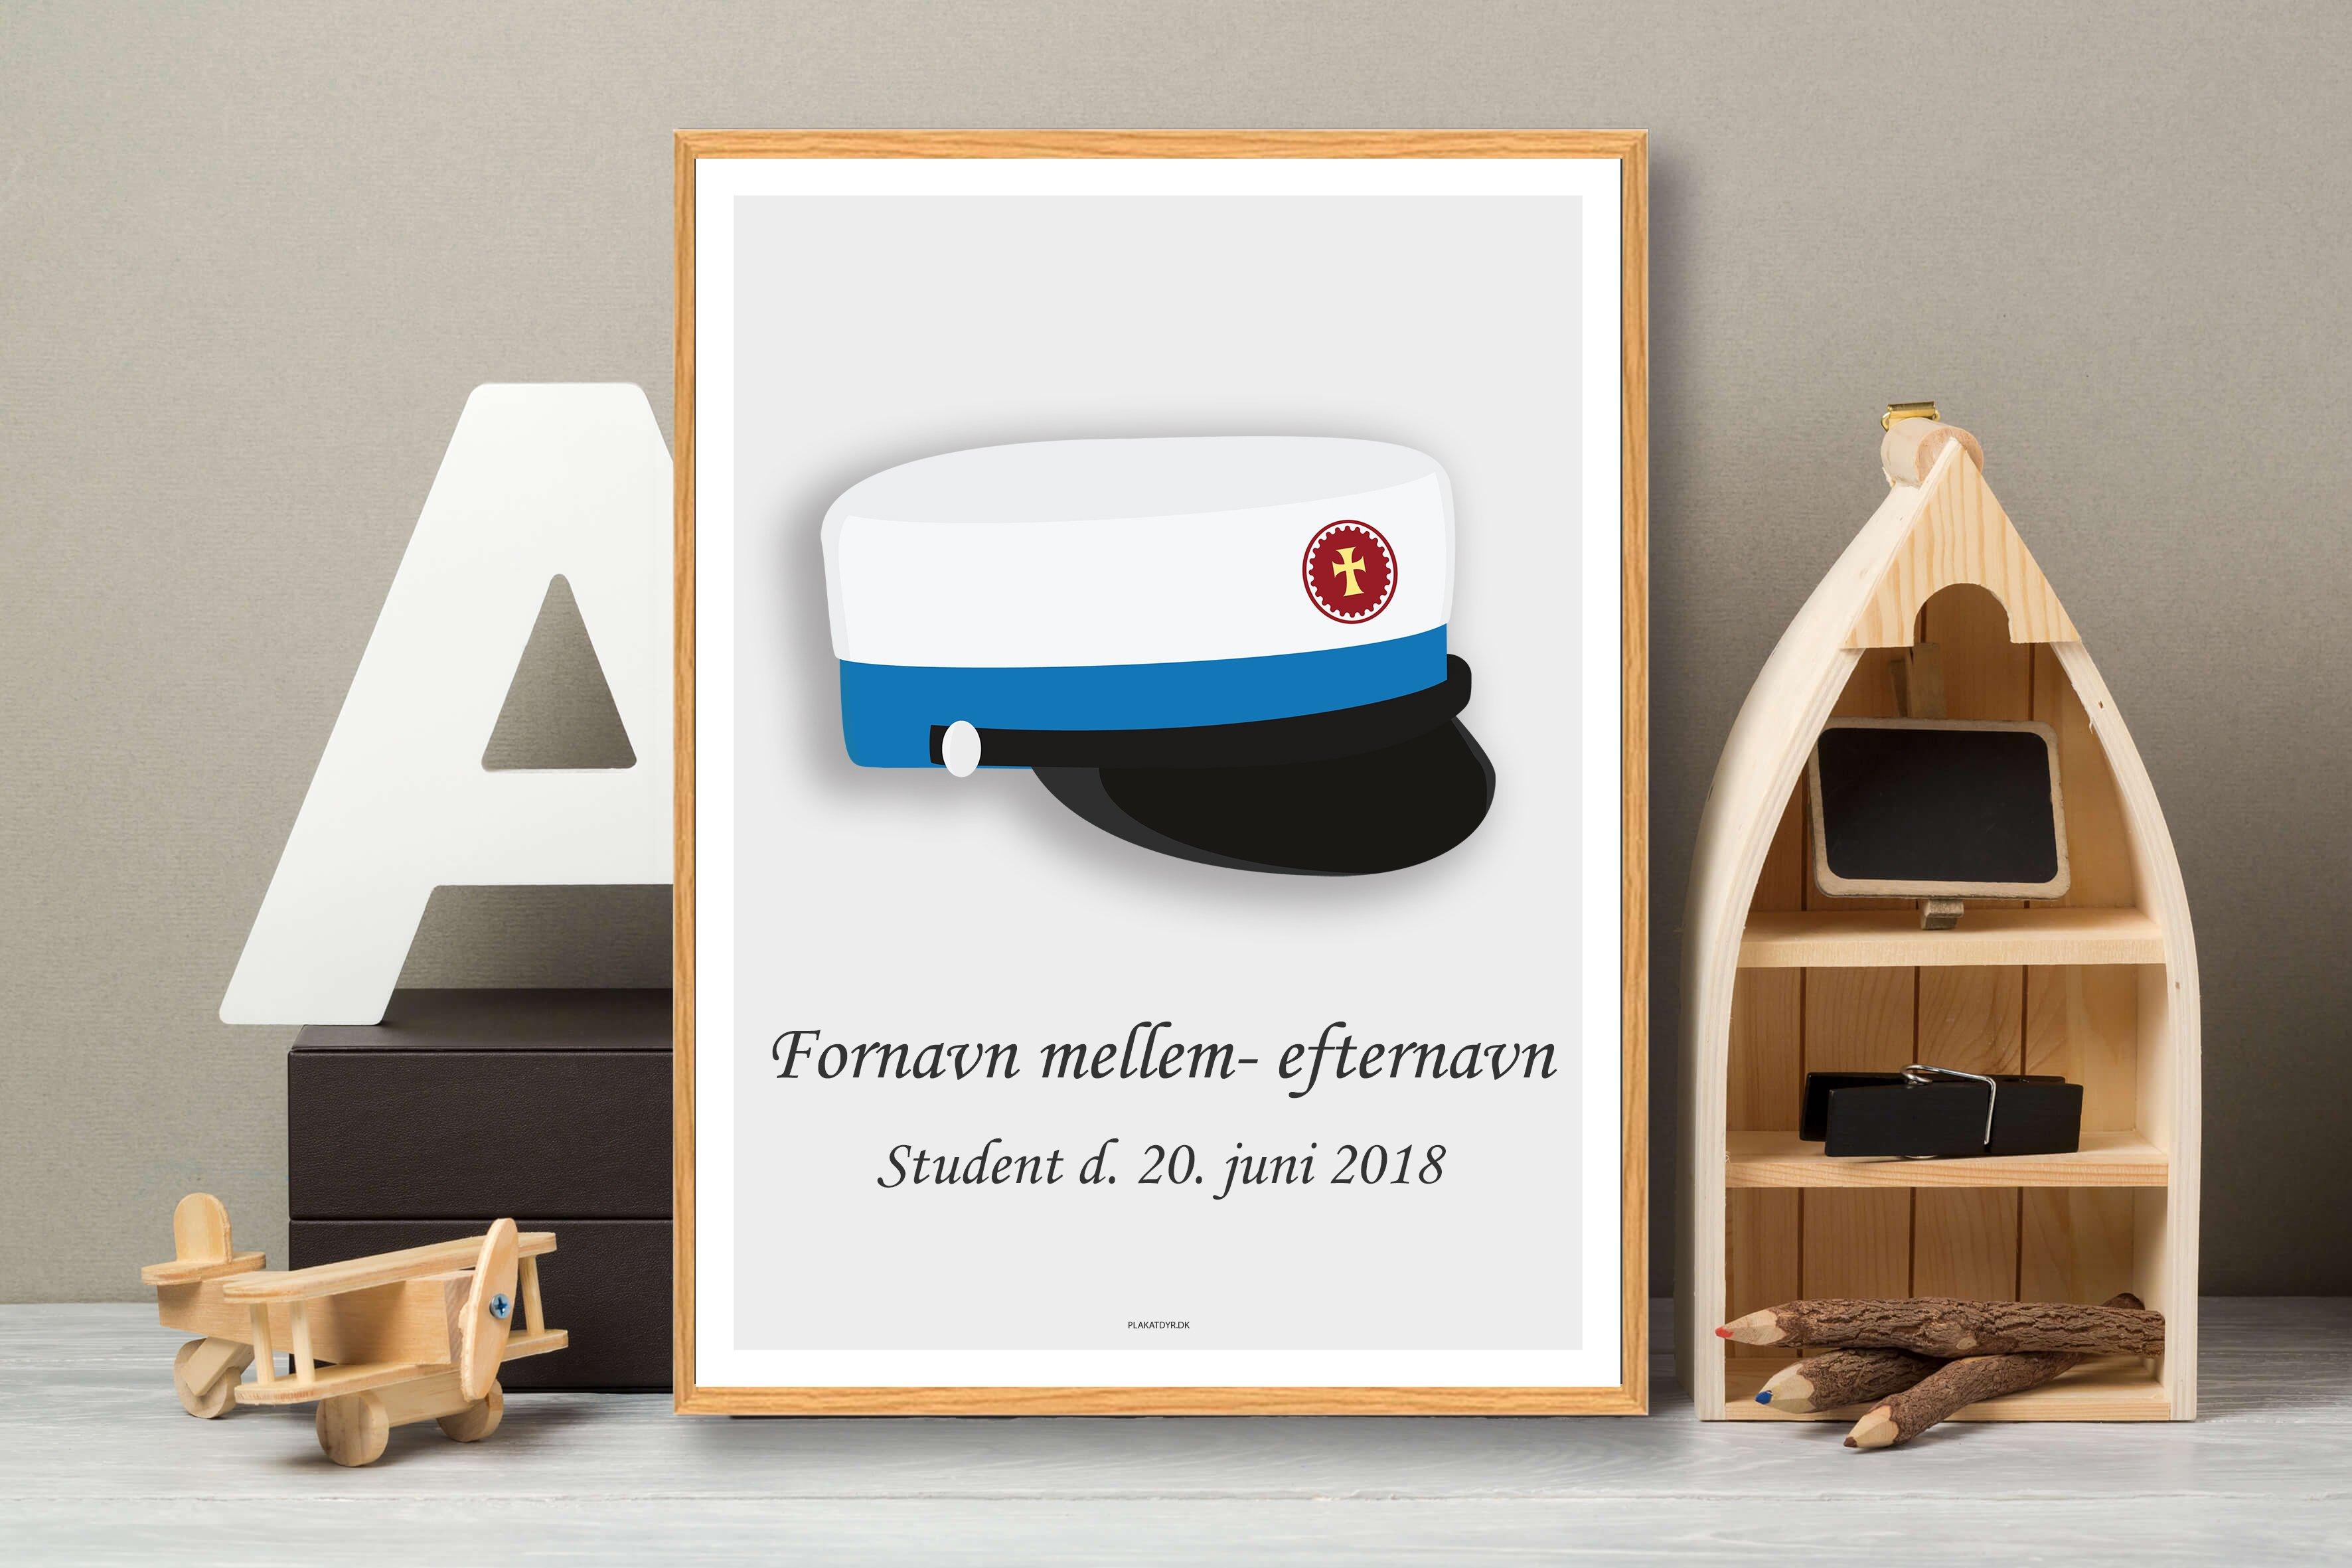 hf-student-gave-graa-3